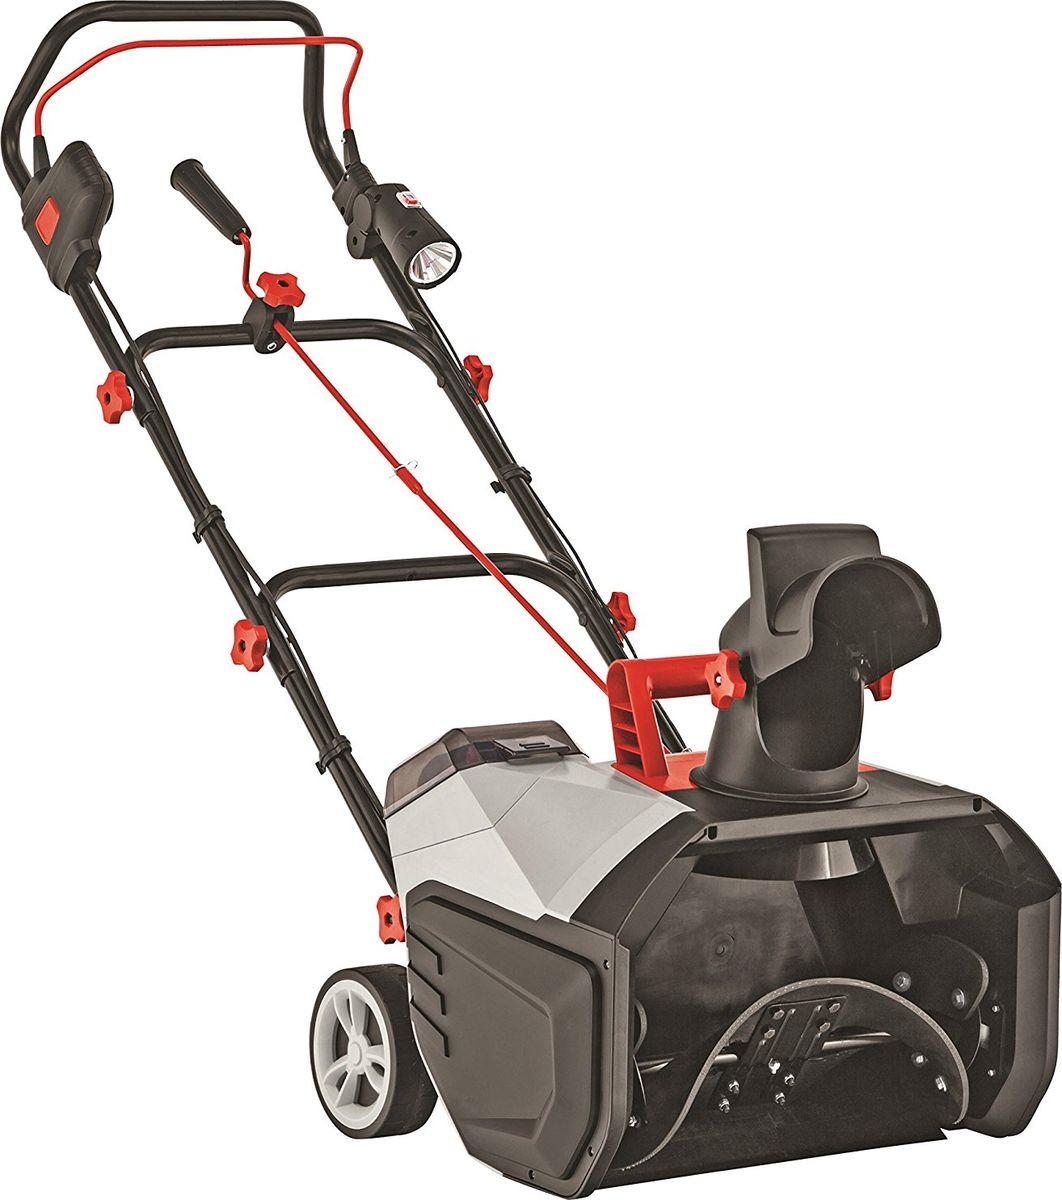 Снегоуборщик AL-KO SnowLine ST 4048 EnergyFlex, 113591, черный, серый, красный цена